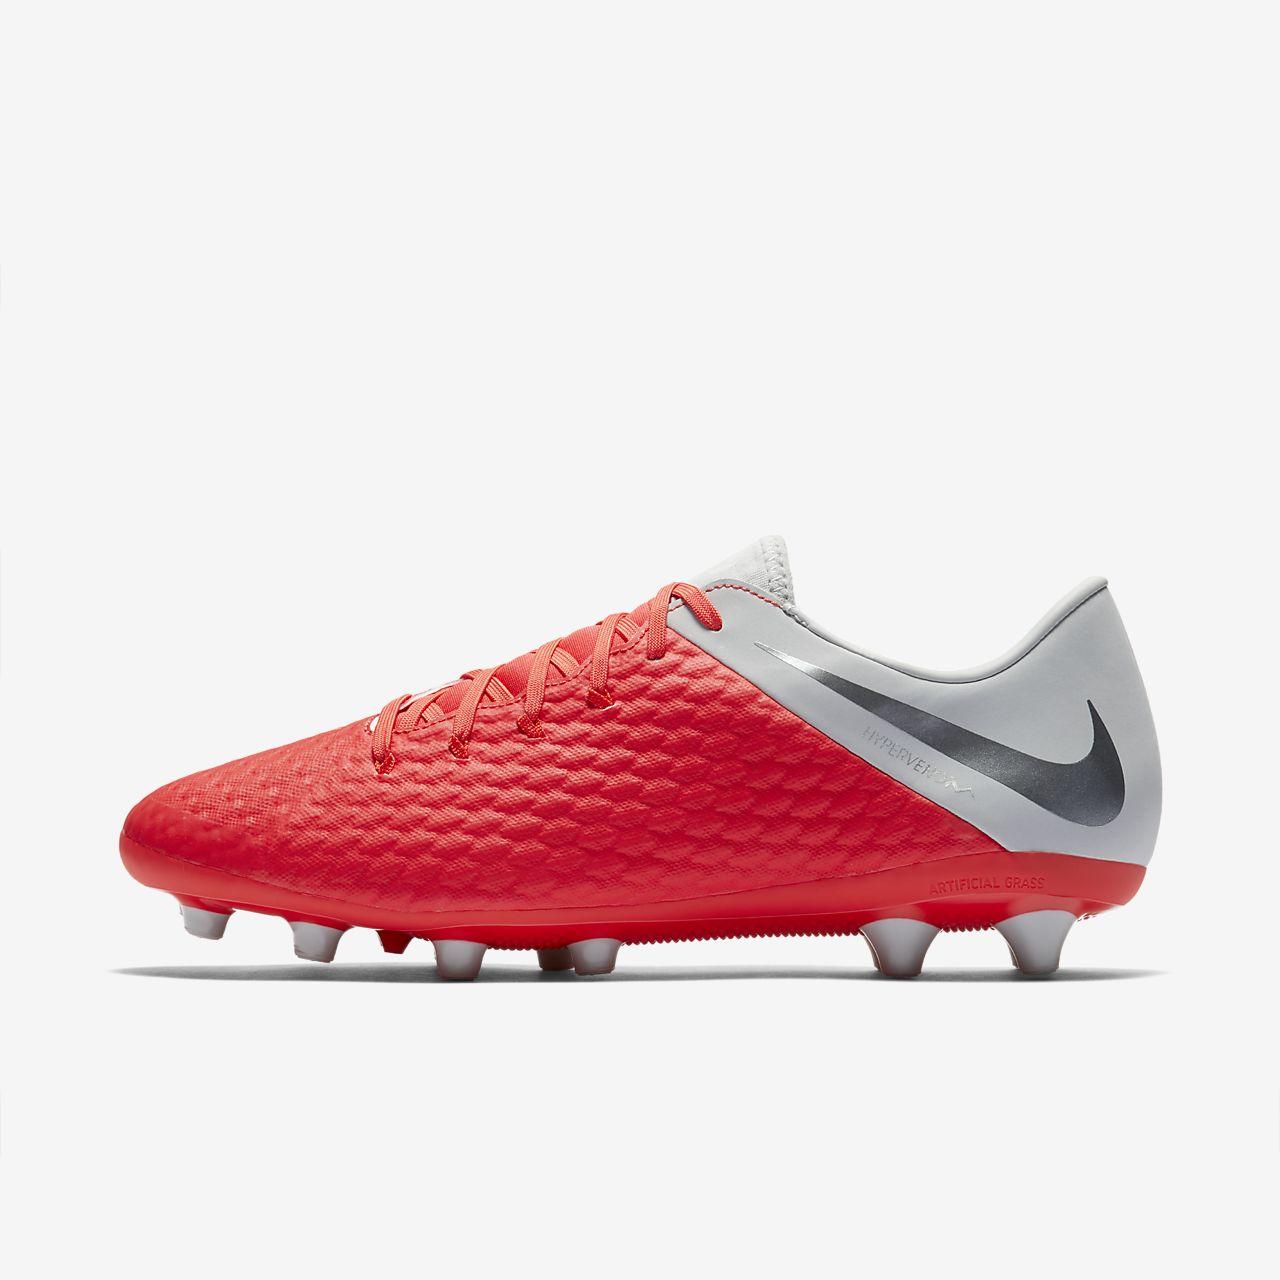 f3e3c590 ... Футбольные бутсы для игры на искусственном газоне Nike Hypervenom III  Academy AG-PRO